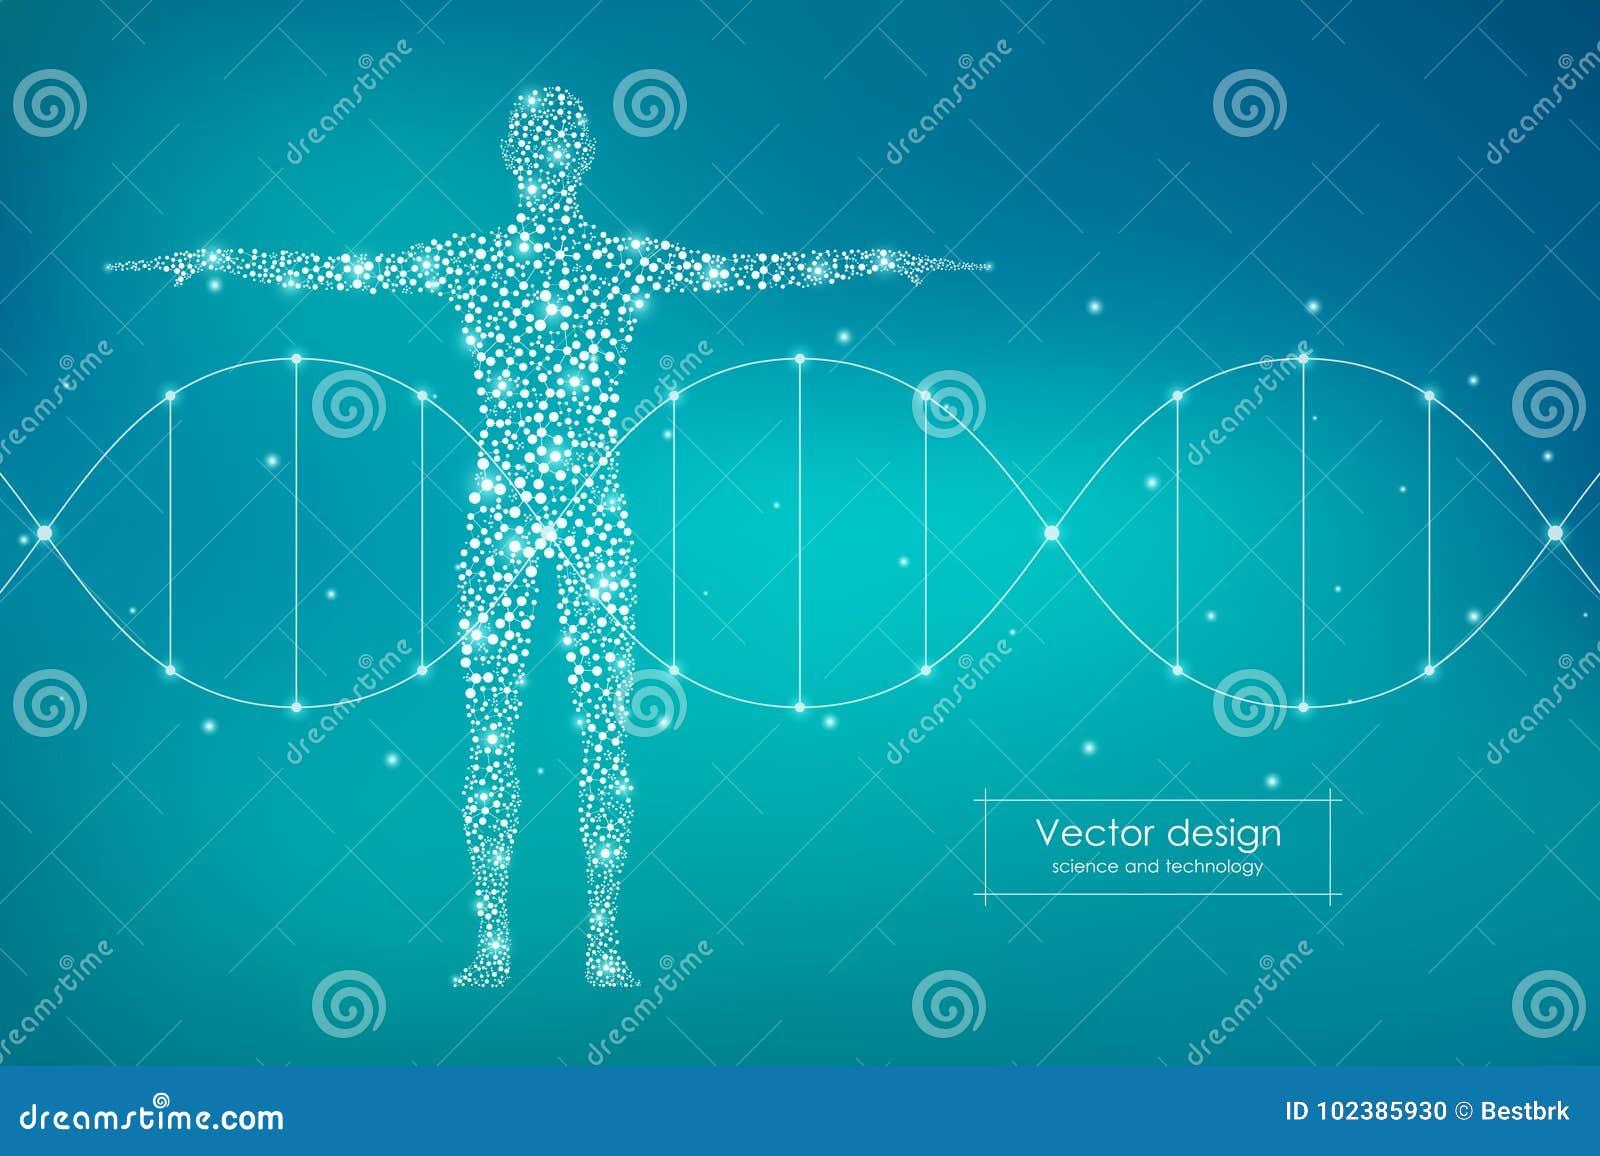 Αφηρημένο ανθρώπινο σώμα με το DNA μορίων Έννοια ιατρικής, επιστήμης και τεχνολογίας επίσης corel σύρετε το διάνυσμα απεικόνισης